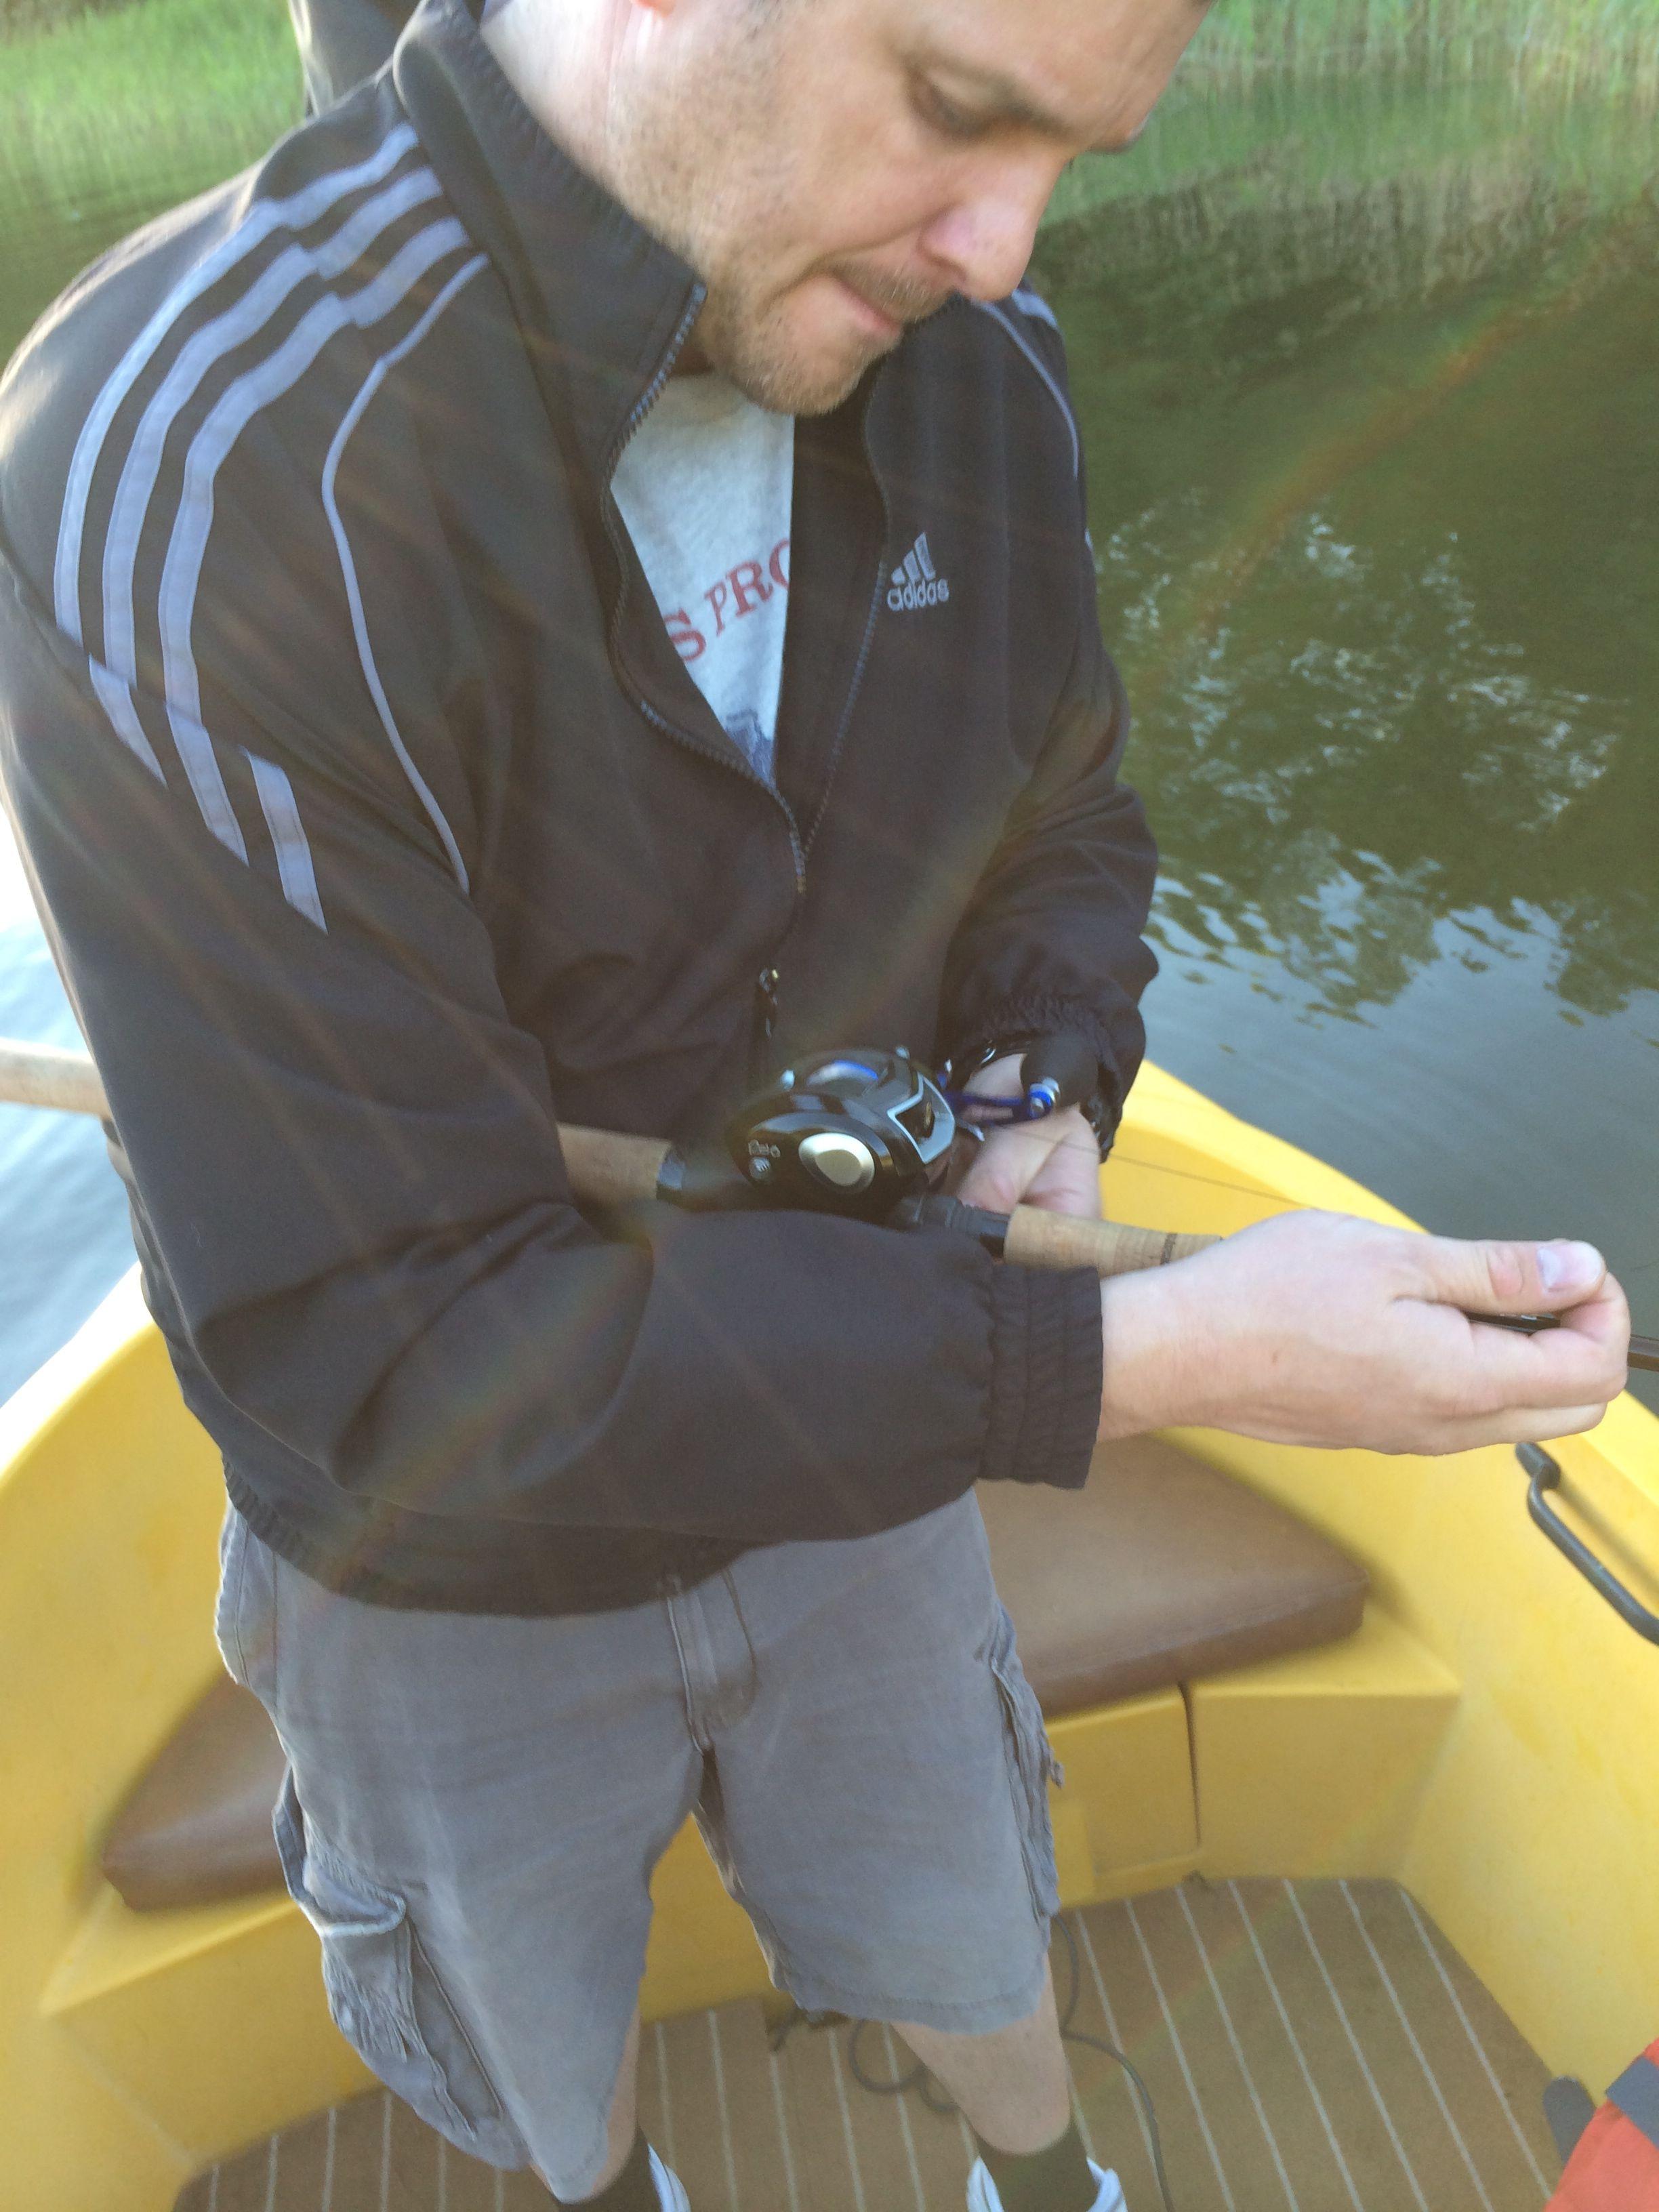 Nämen ojdå - trassel i rullen:-) Även proffs kan få ett professional overrun ibland... Fiska strulfritt, kör haspel :-)